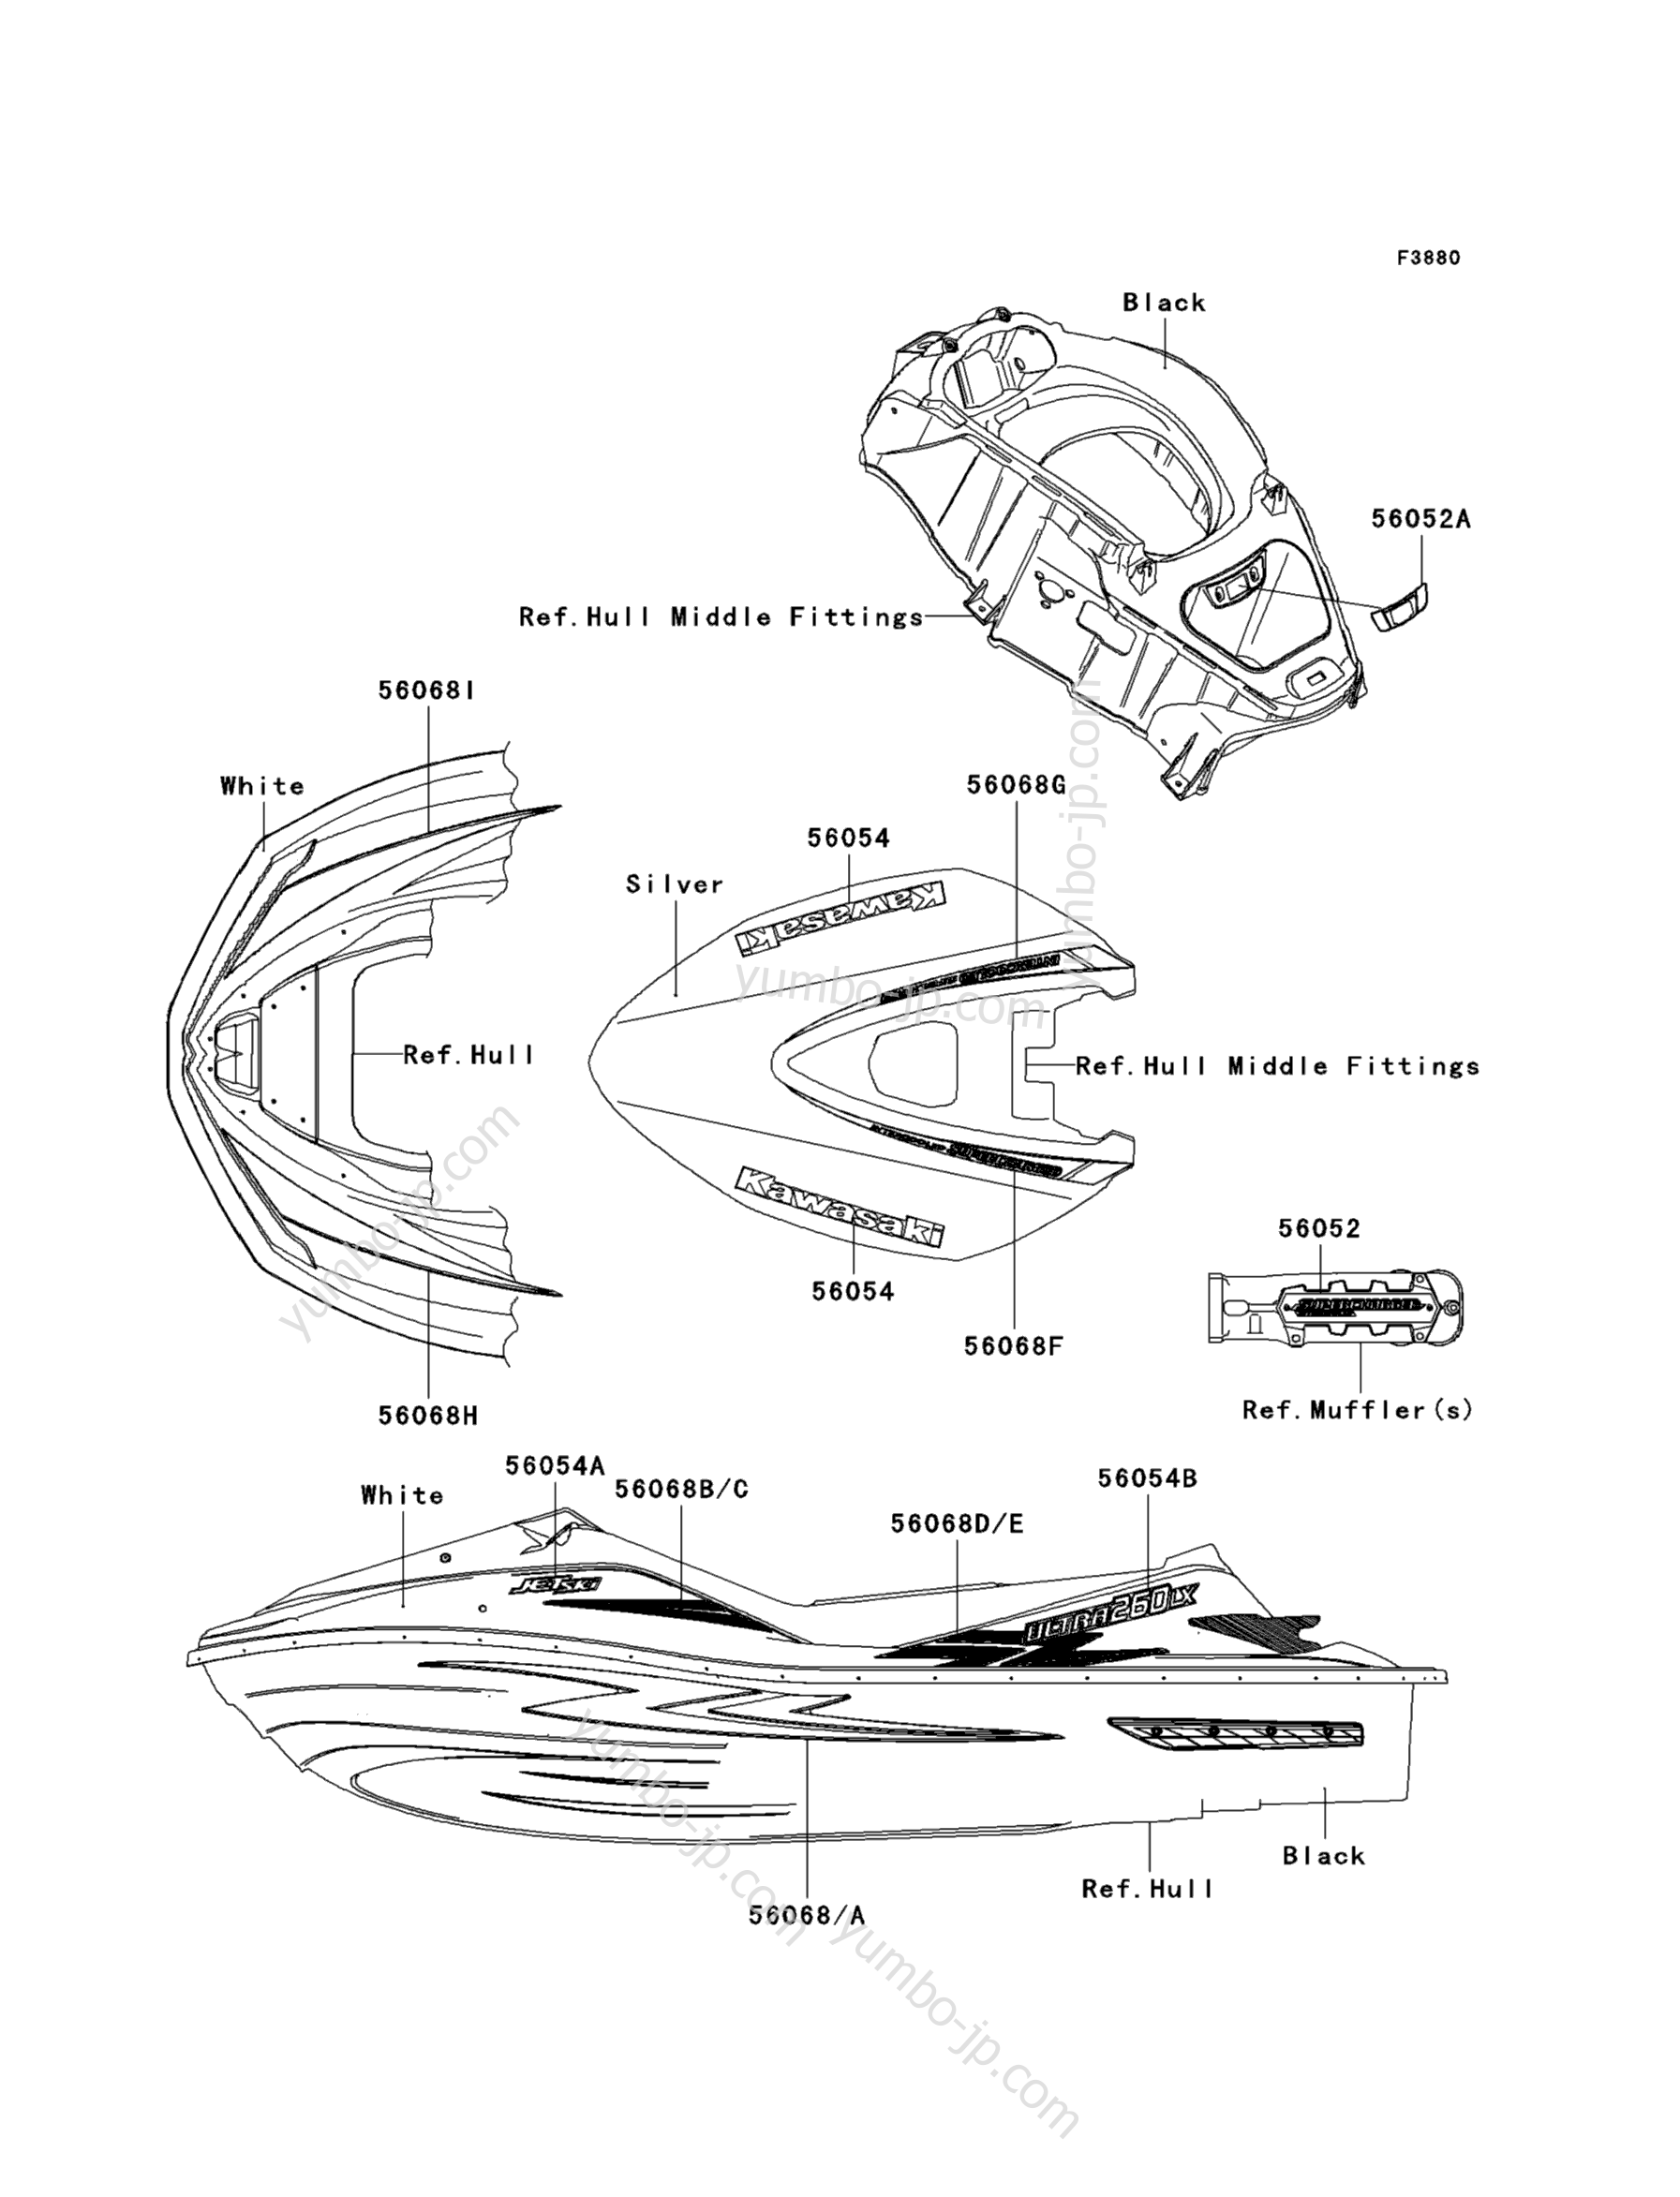 Decals(White)(F9F) для гидроциклов KAWASAKI JET SKI ULTRA 260LX (JT1500F9F) 2009 г.